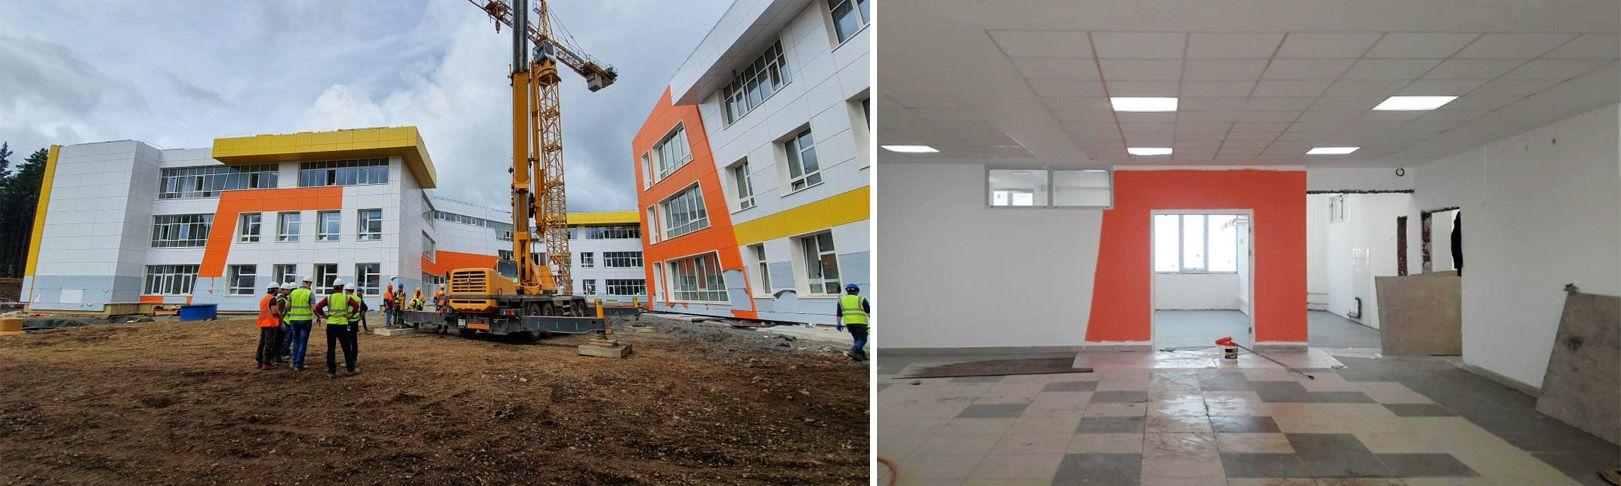 строительство школы Новая Эра